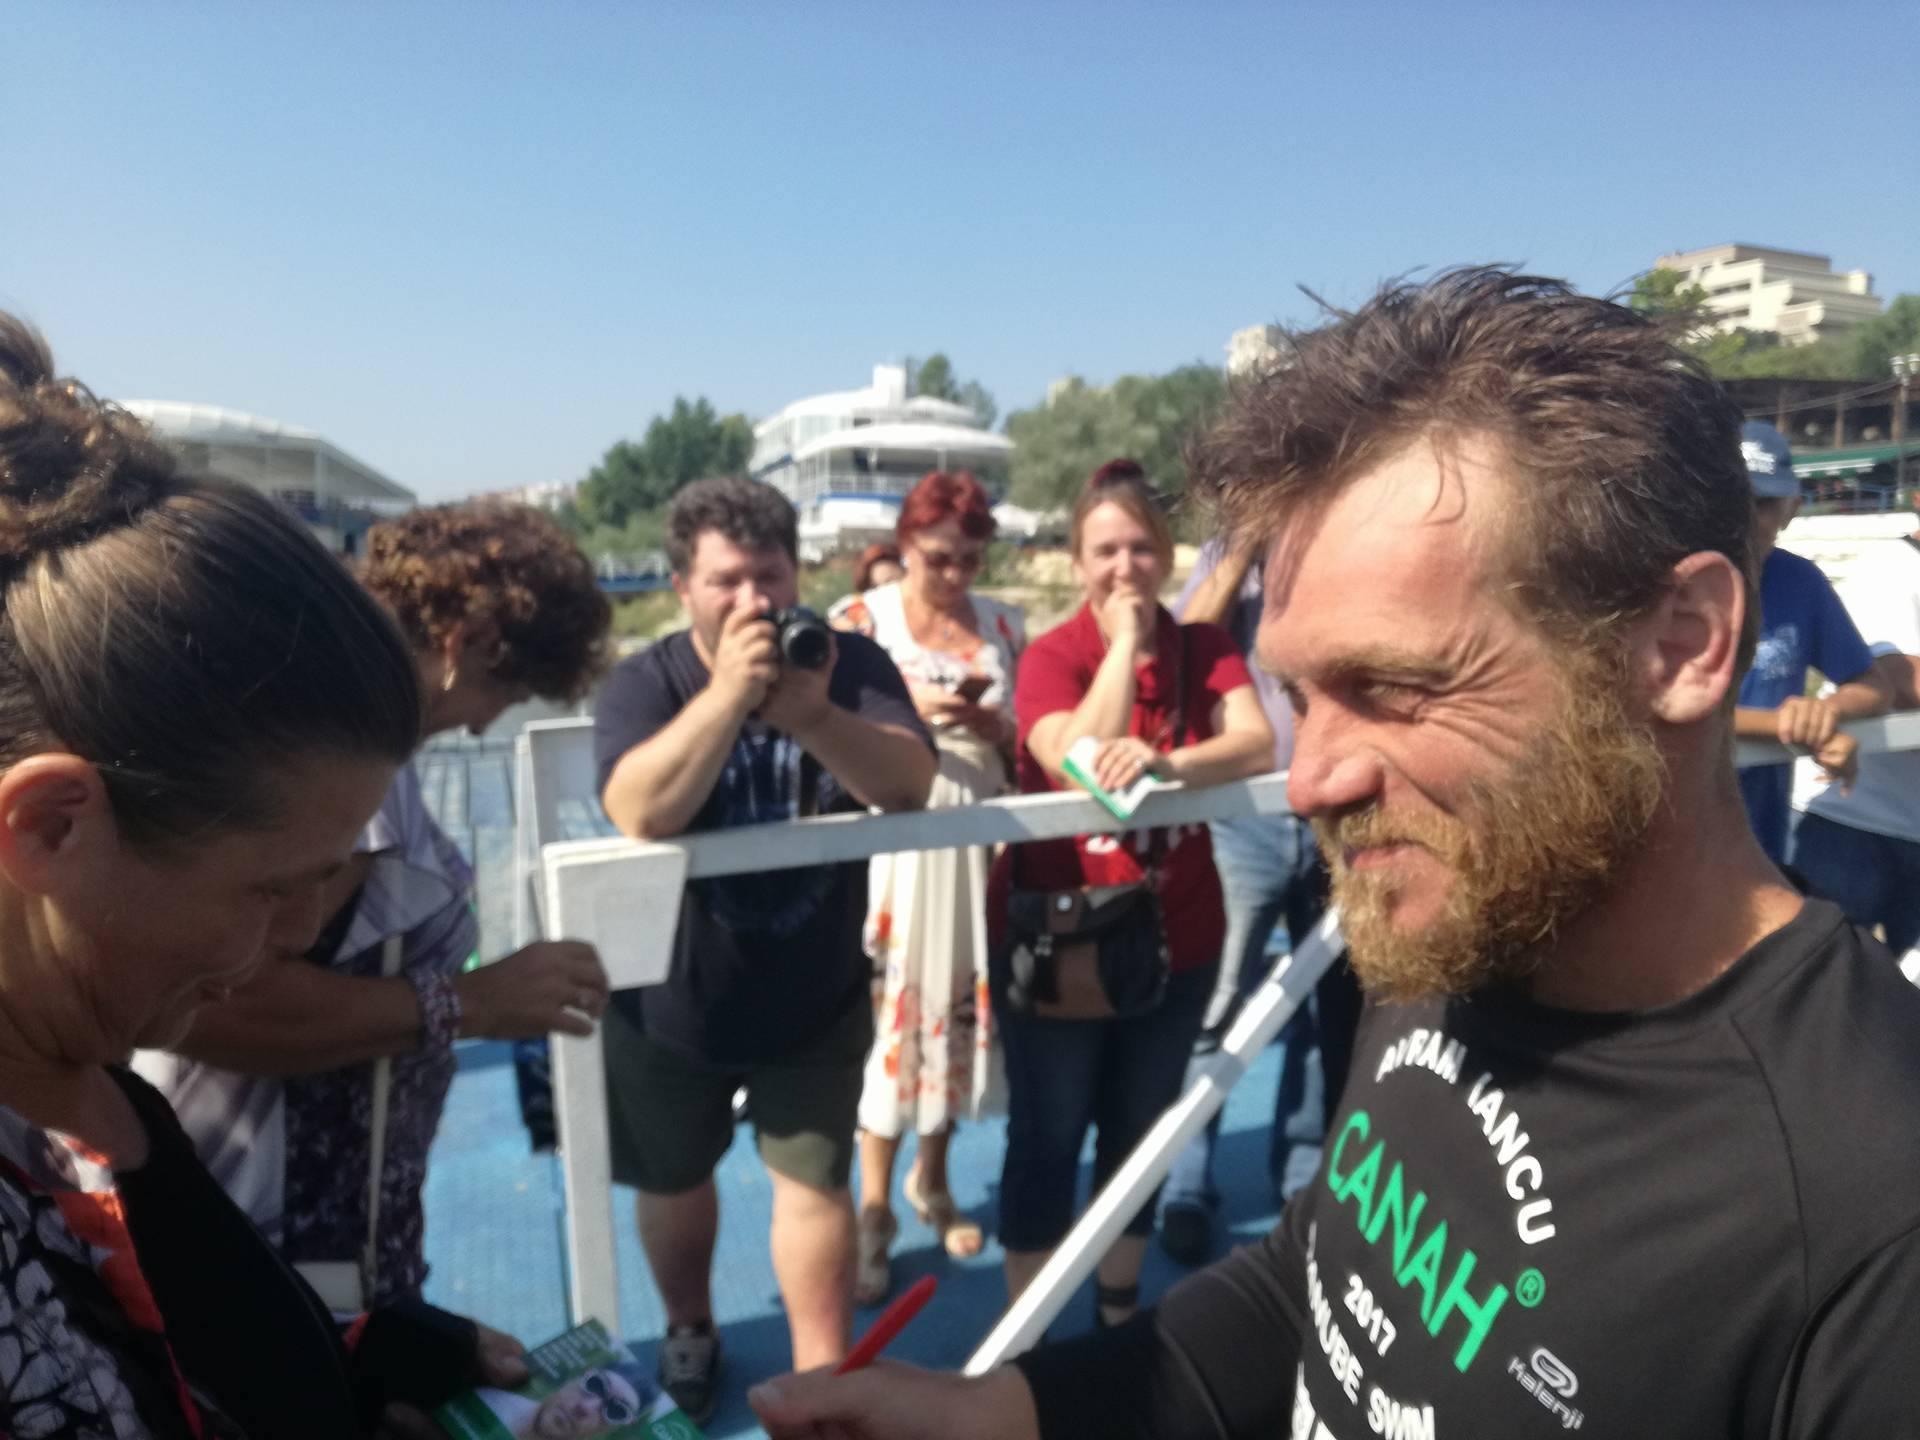 Gafă la CJ Hunedoara: l-a desemnat cetăţean de onoare pe Avram Iancu, bibliotecarul care a străbătut Dunărea înot, dar nu l-a chemat la festivitate / Reacţia înotătorului